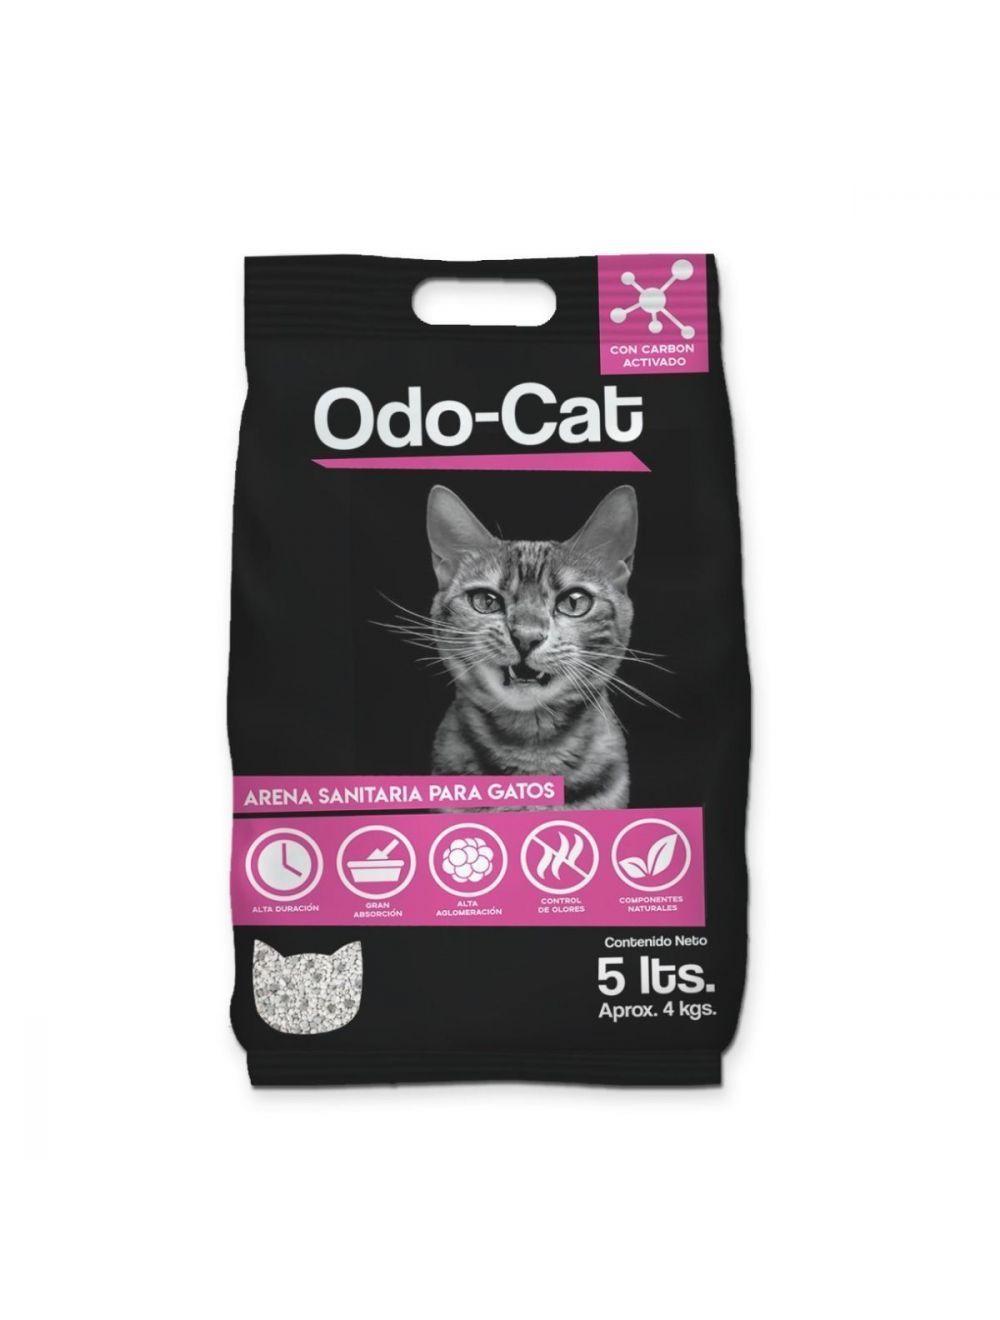 ARENA SANITARIA PARA GATOS ODO CAT 4kg - ciudaddemascotas.com